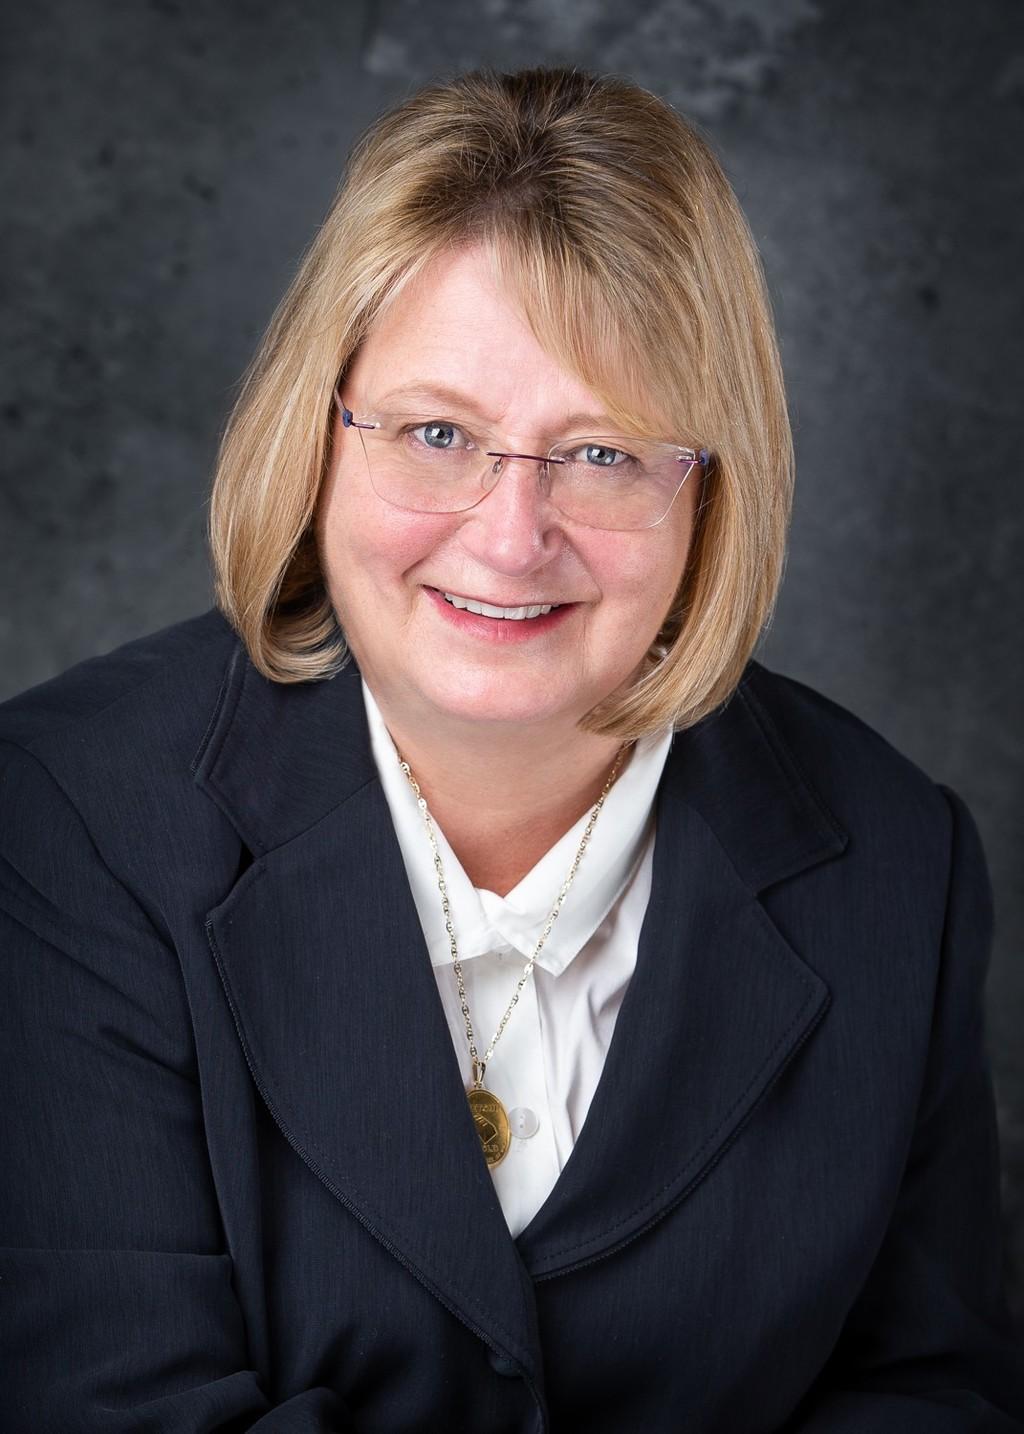 Ingrid Hibbard